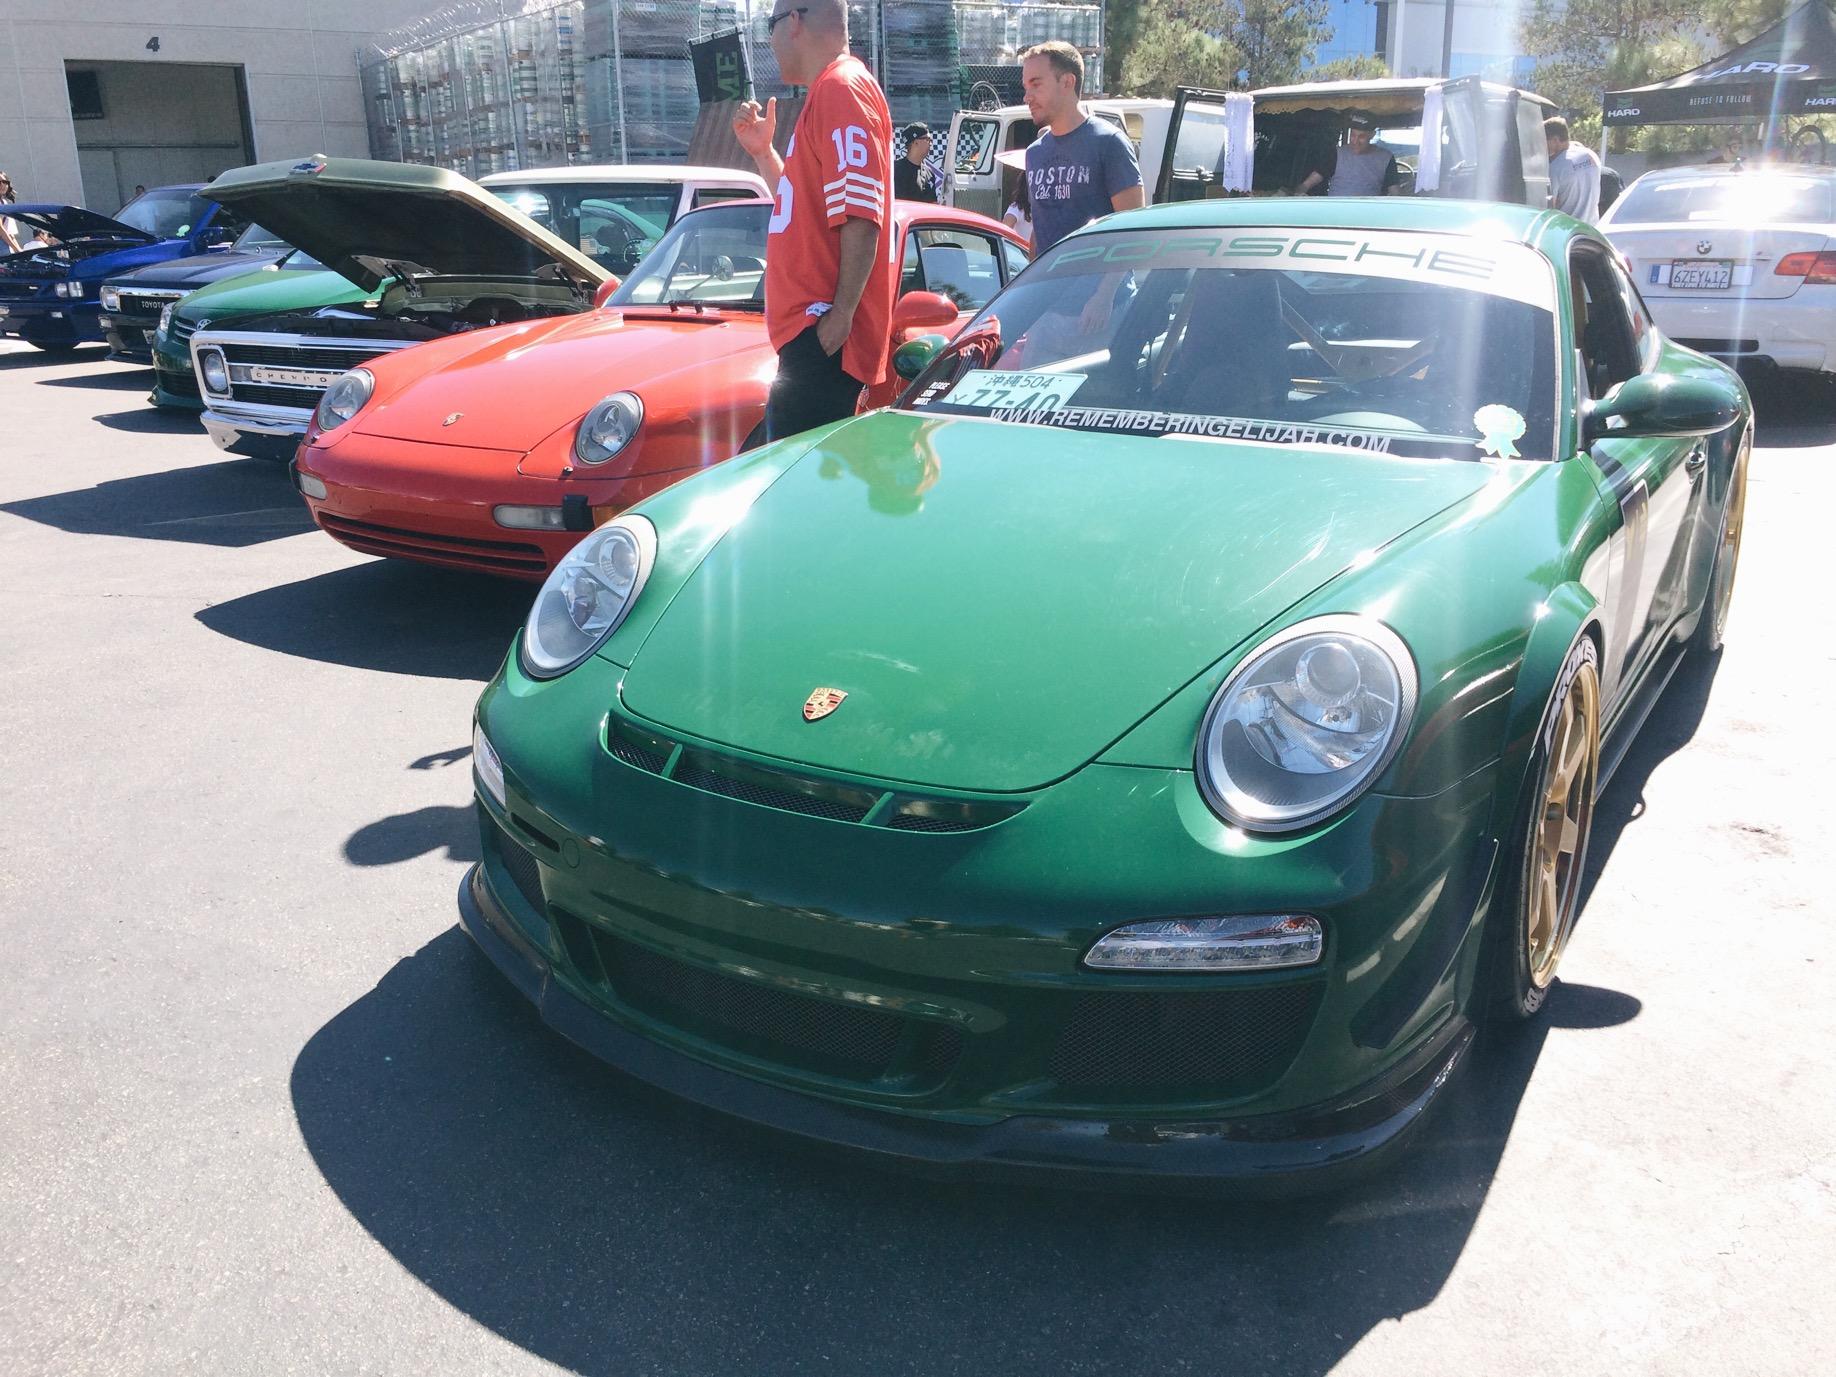 Jay Shell's Porsche.